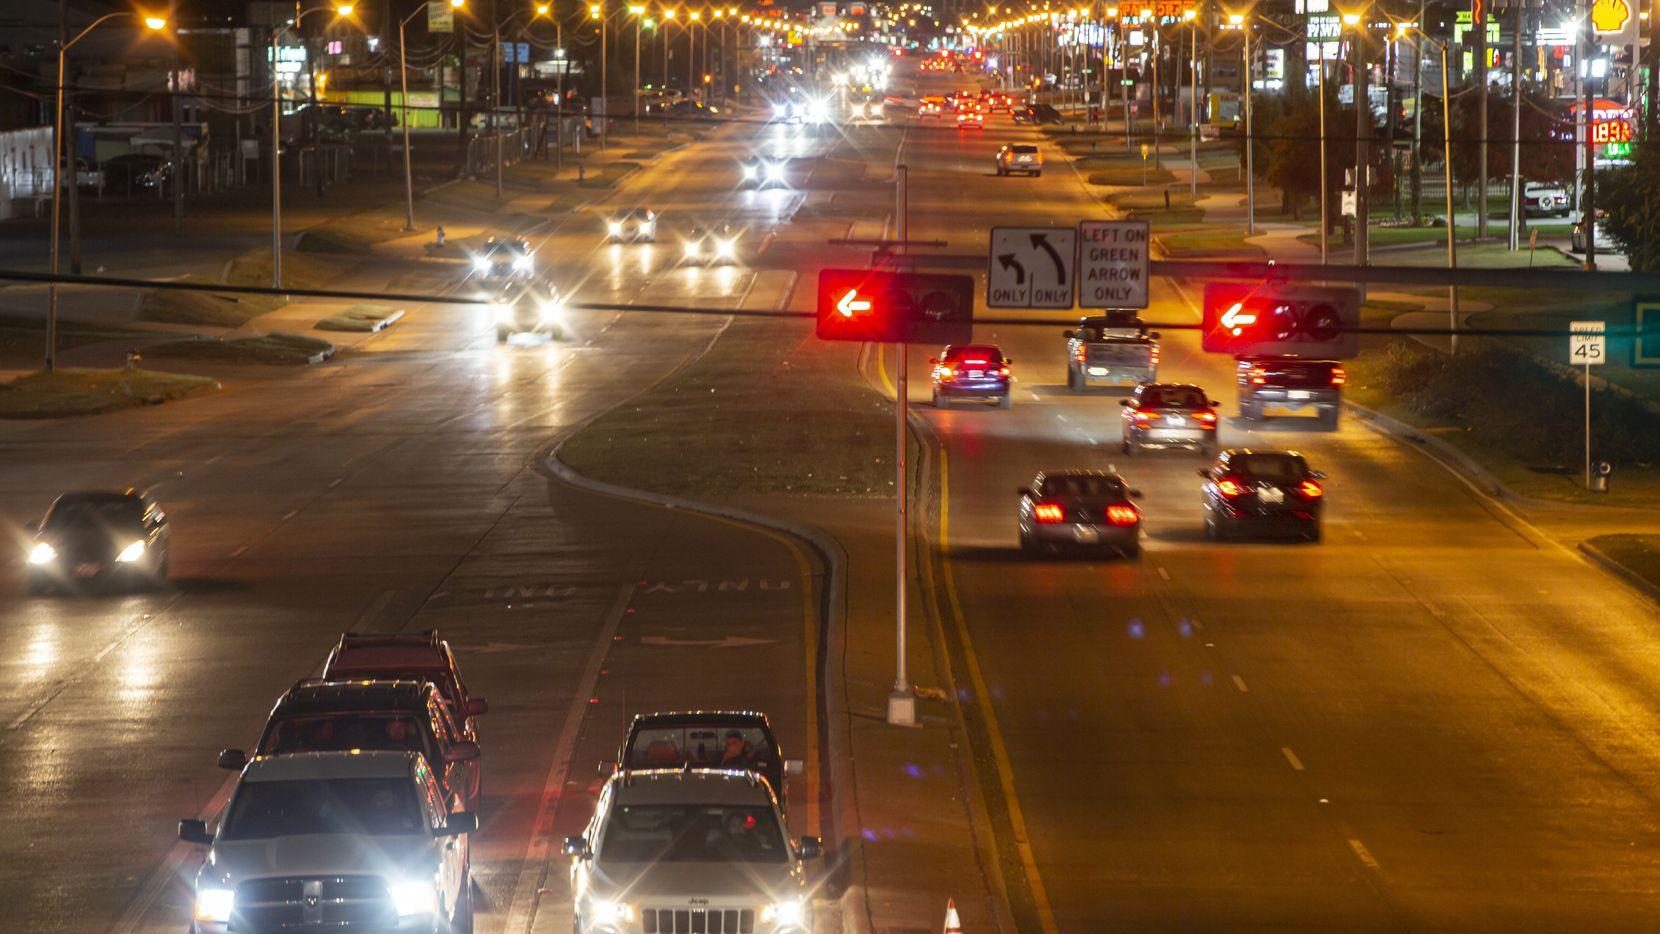 El sur de Harry Hines Boulevard es conocido como el epicentro de la prostitución en Dallas. Una ordenanza busca acabar con eso.